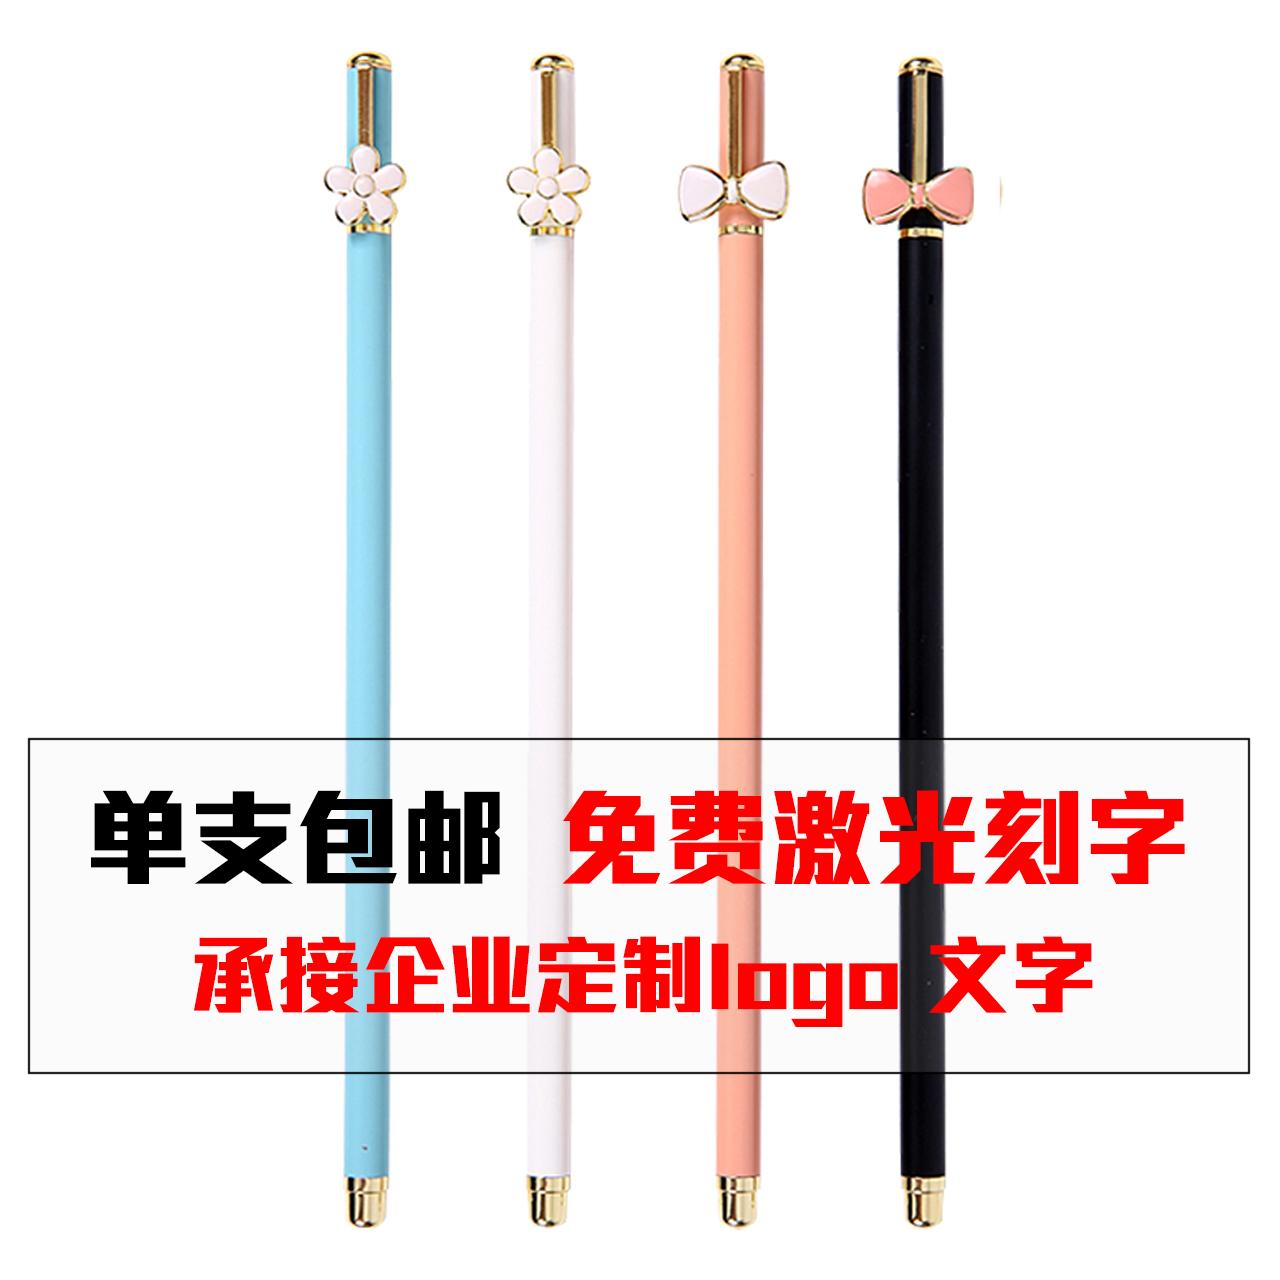 晨光金属杆中性笔0.5水笔签字笔 细杆加长 广告免费刻字定制LOGO